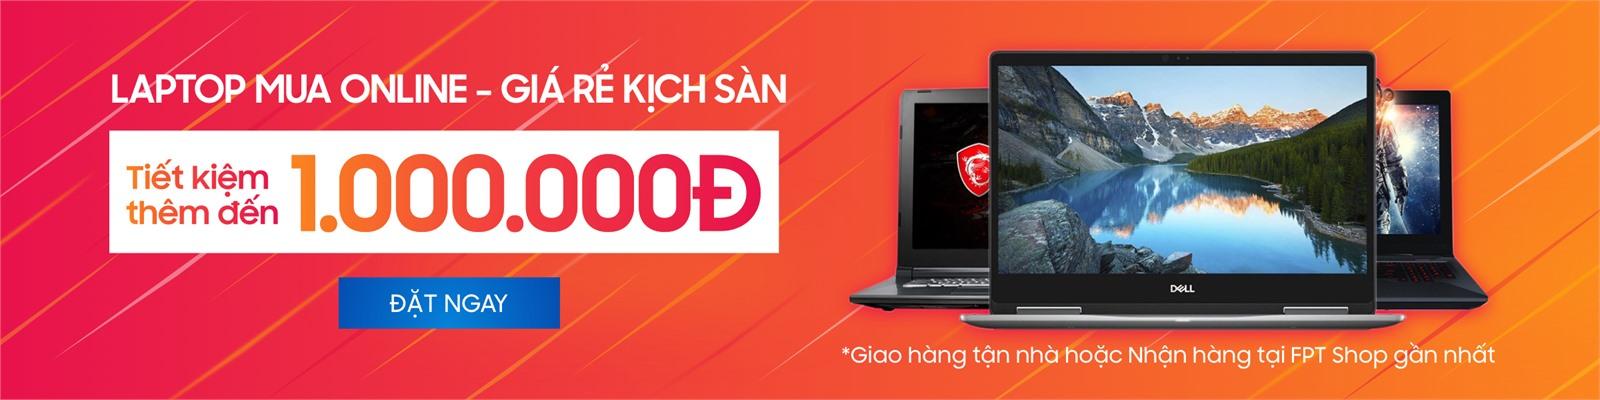 Hình ảnh Laptop mua online giá rẻ kịch sàn - GIảm đến 1.000.000